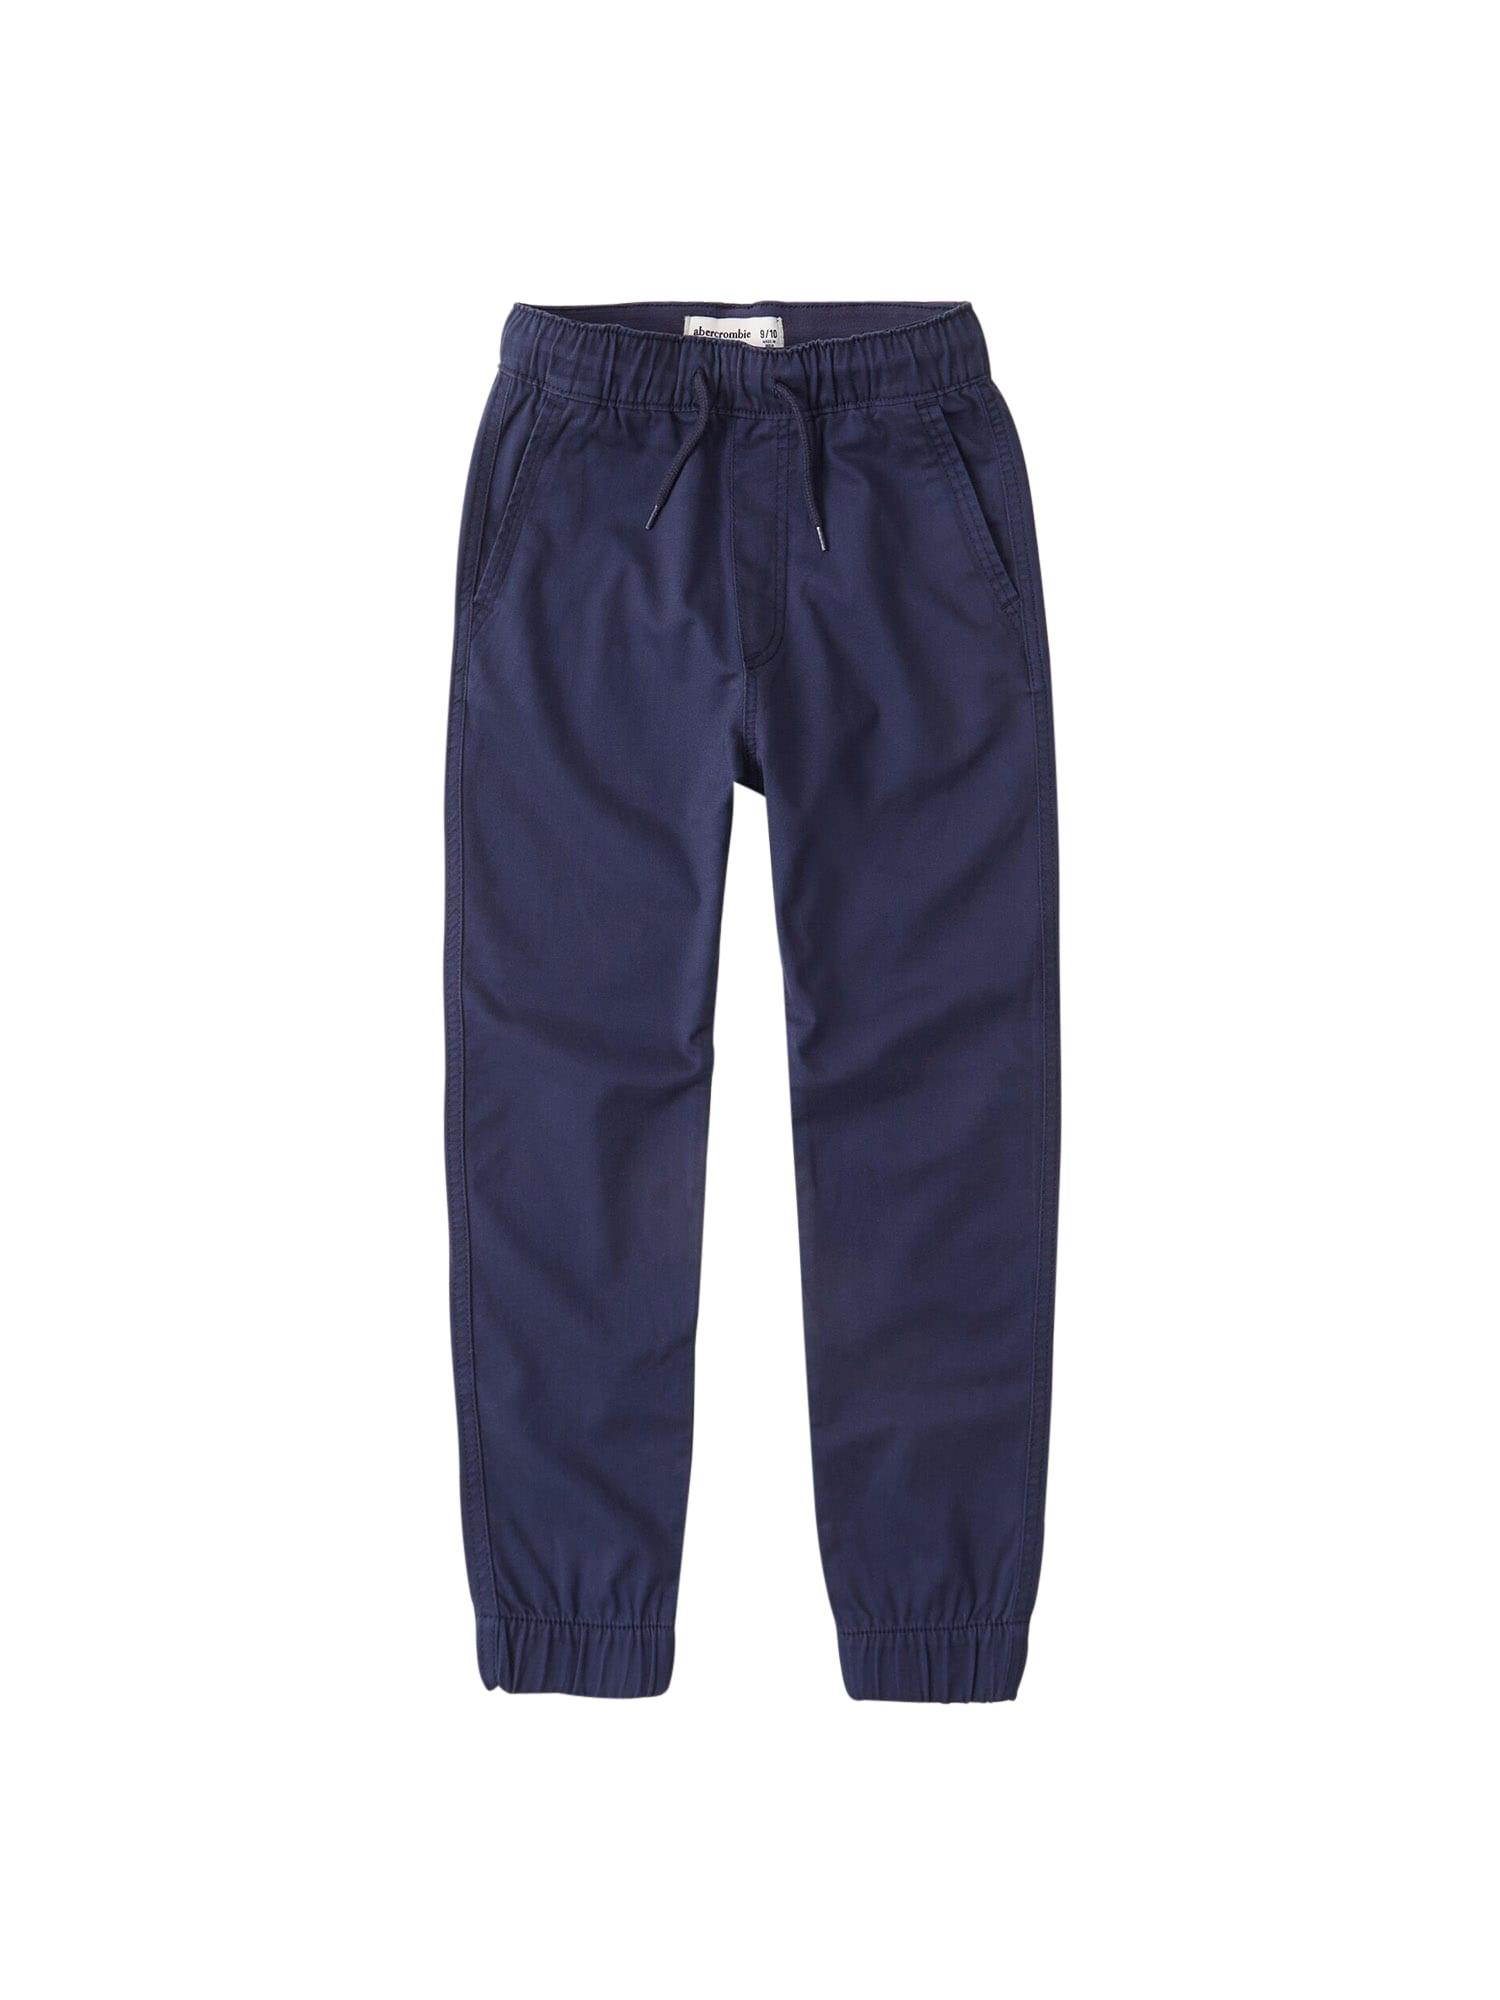 Abercrombie & Fitch Kelnės tamsiai mėlyna